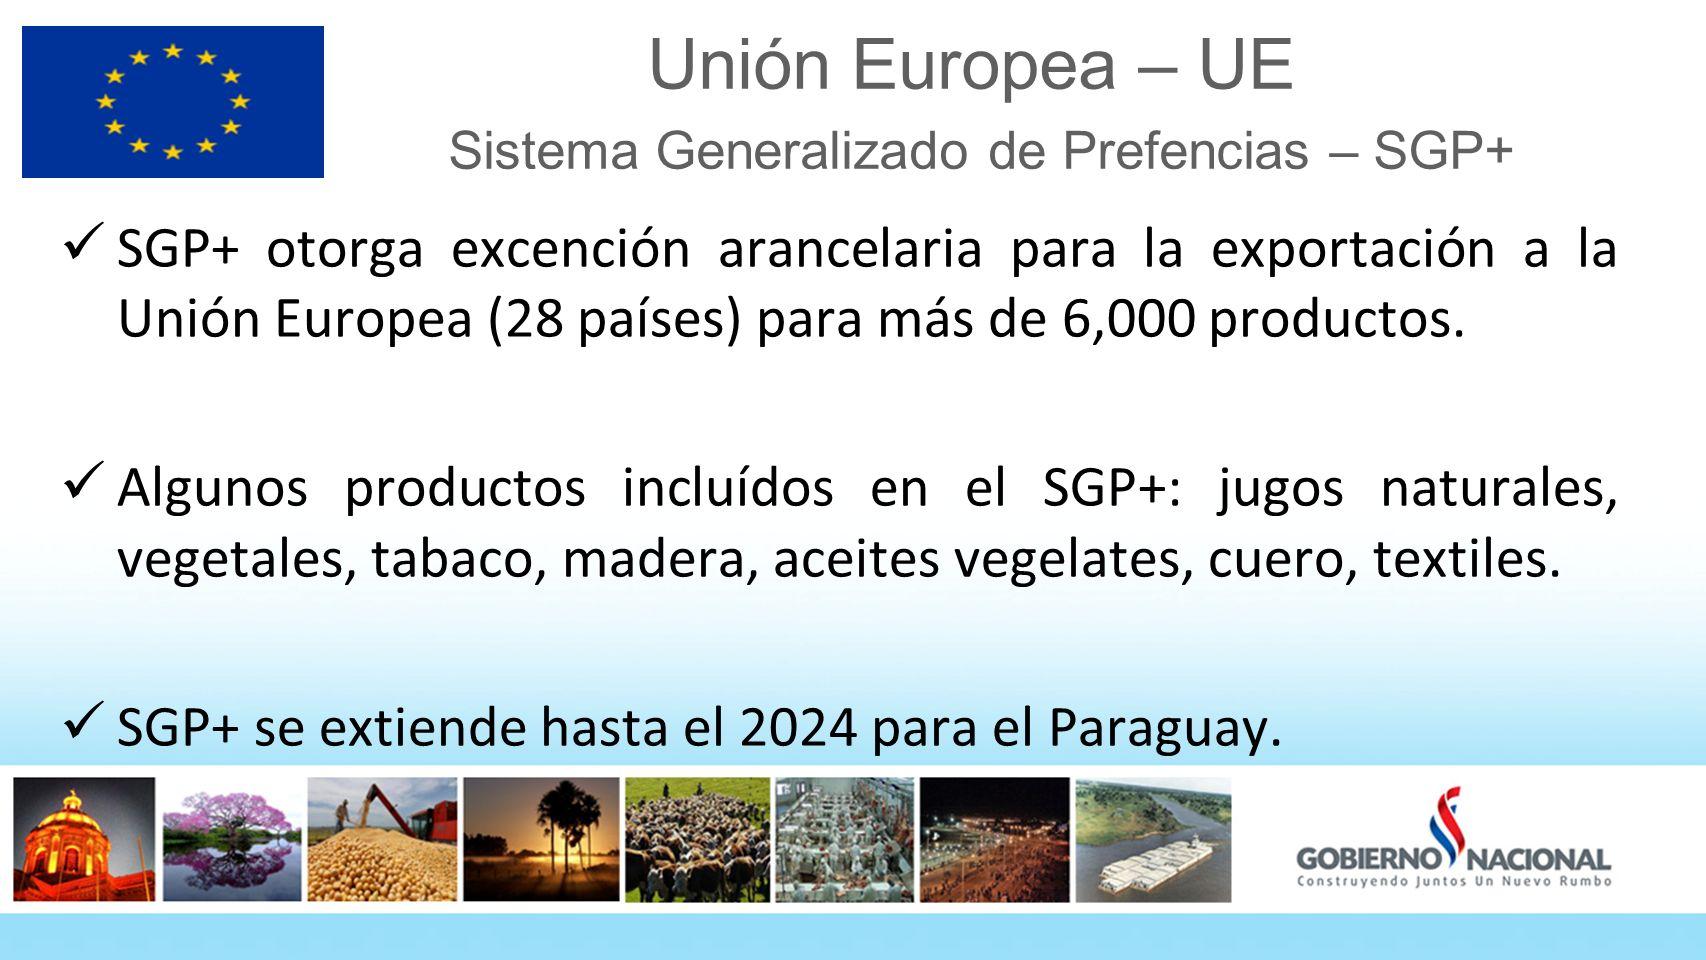 Unión Europea – UE Sistema Generalizado de Prefencias – SGP+ SGP+ otorga excención arancelaria para la exportación a la Unión Europea (28 países) para